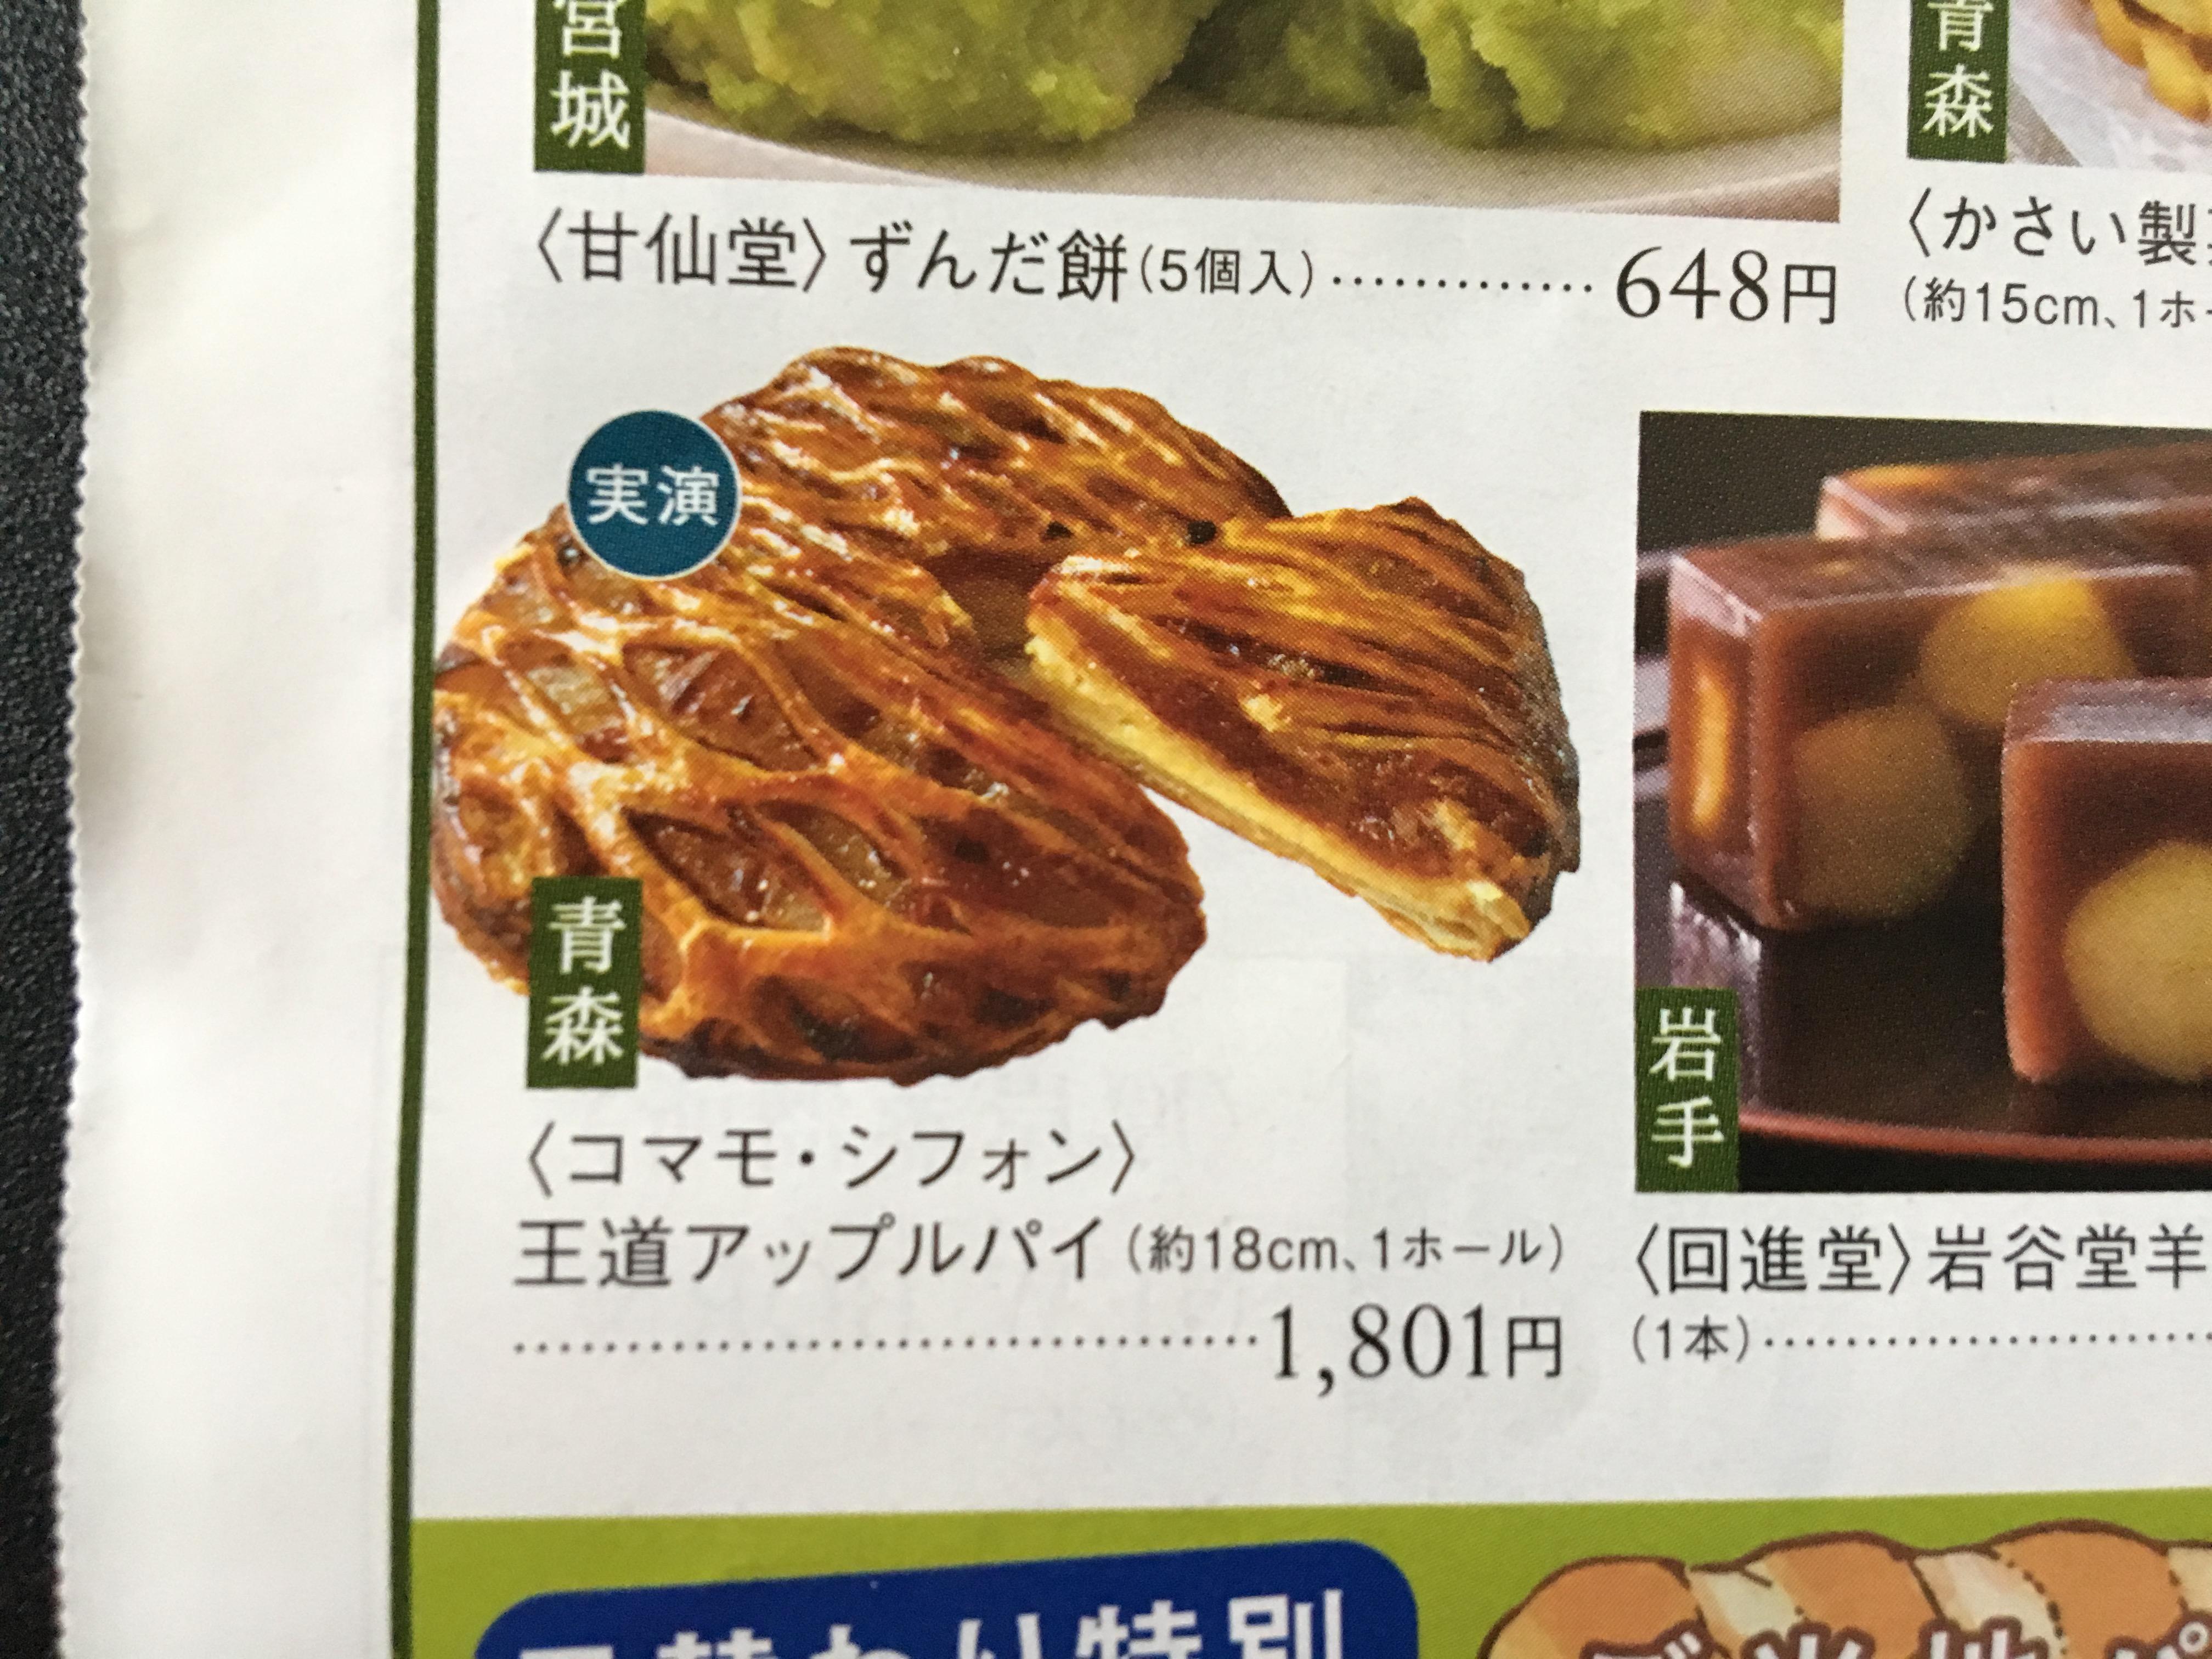 第4回 東北六県 味めぐりで販売する【コマモ・シフォン】王道アップルパイ